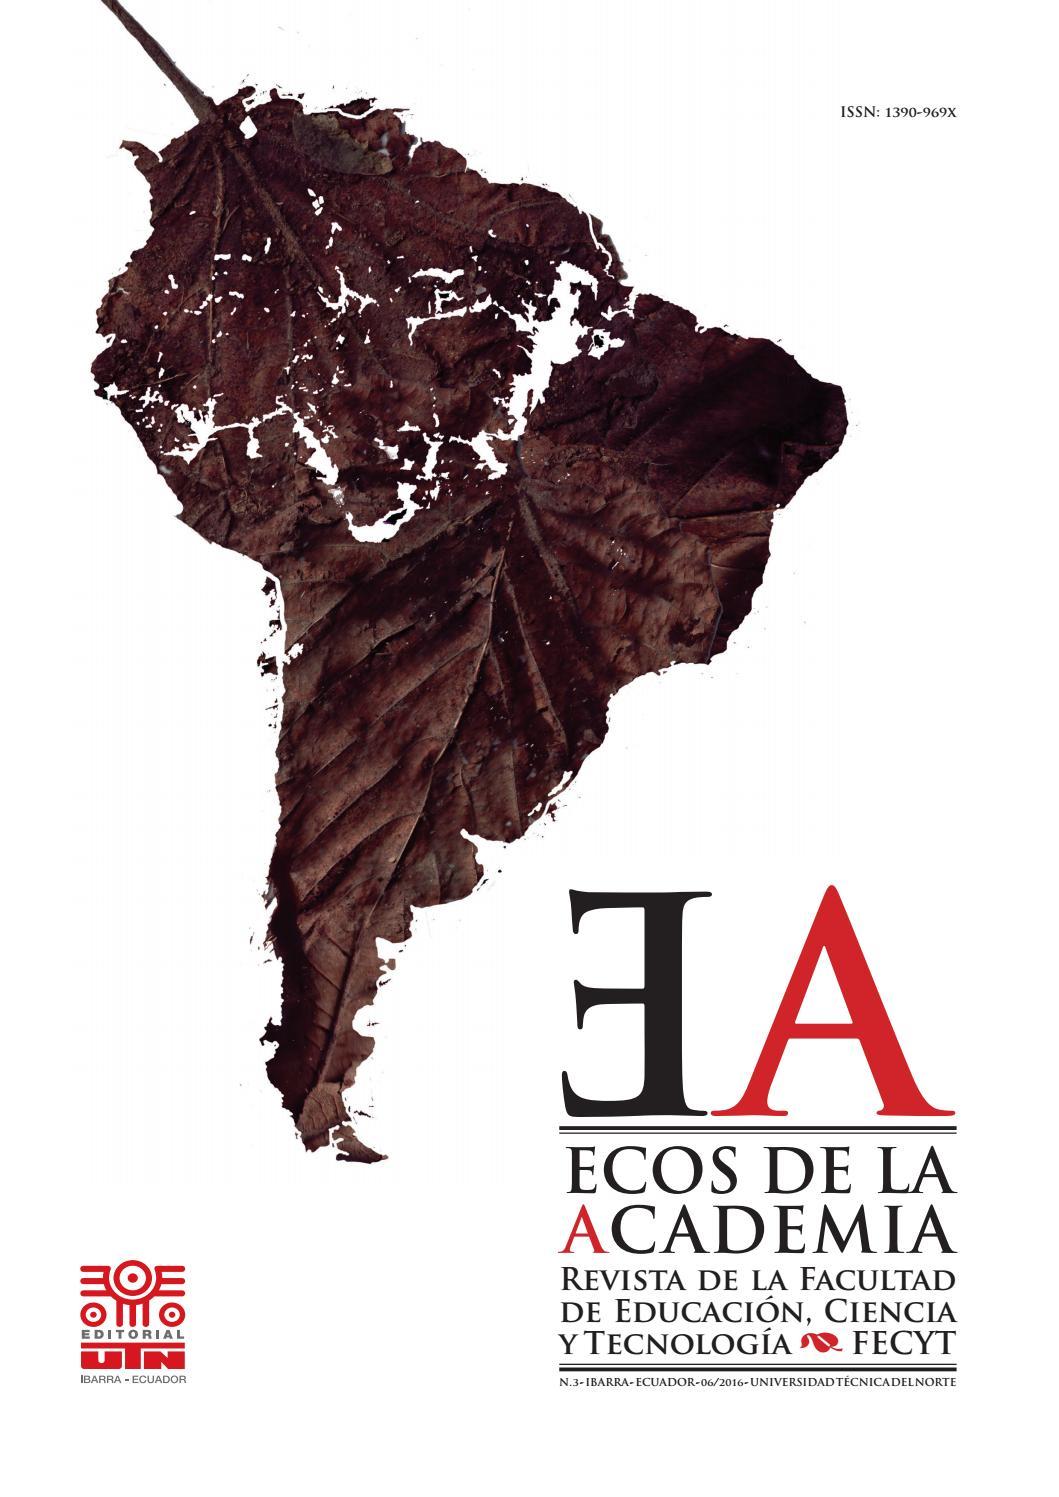 Revista Ecos De La Academia No 3 By Editorial Universidad